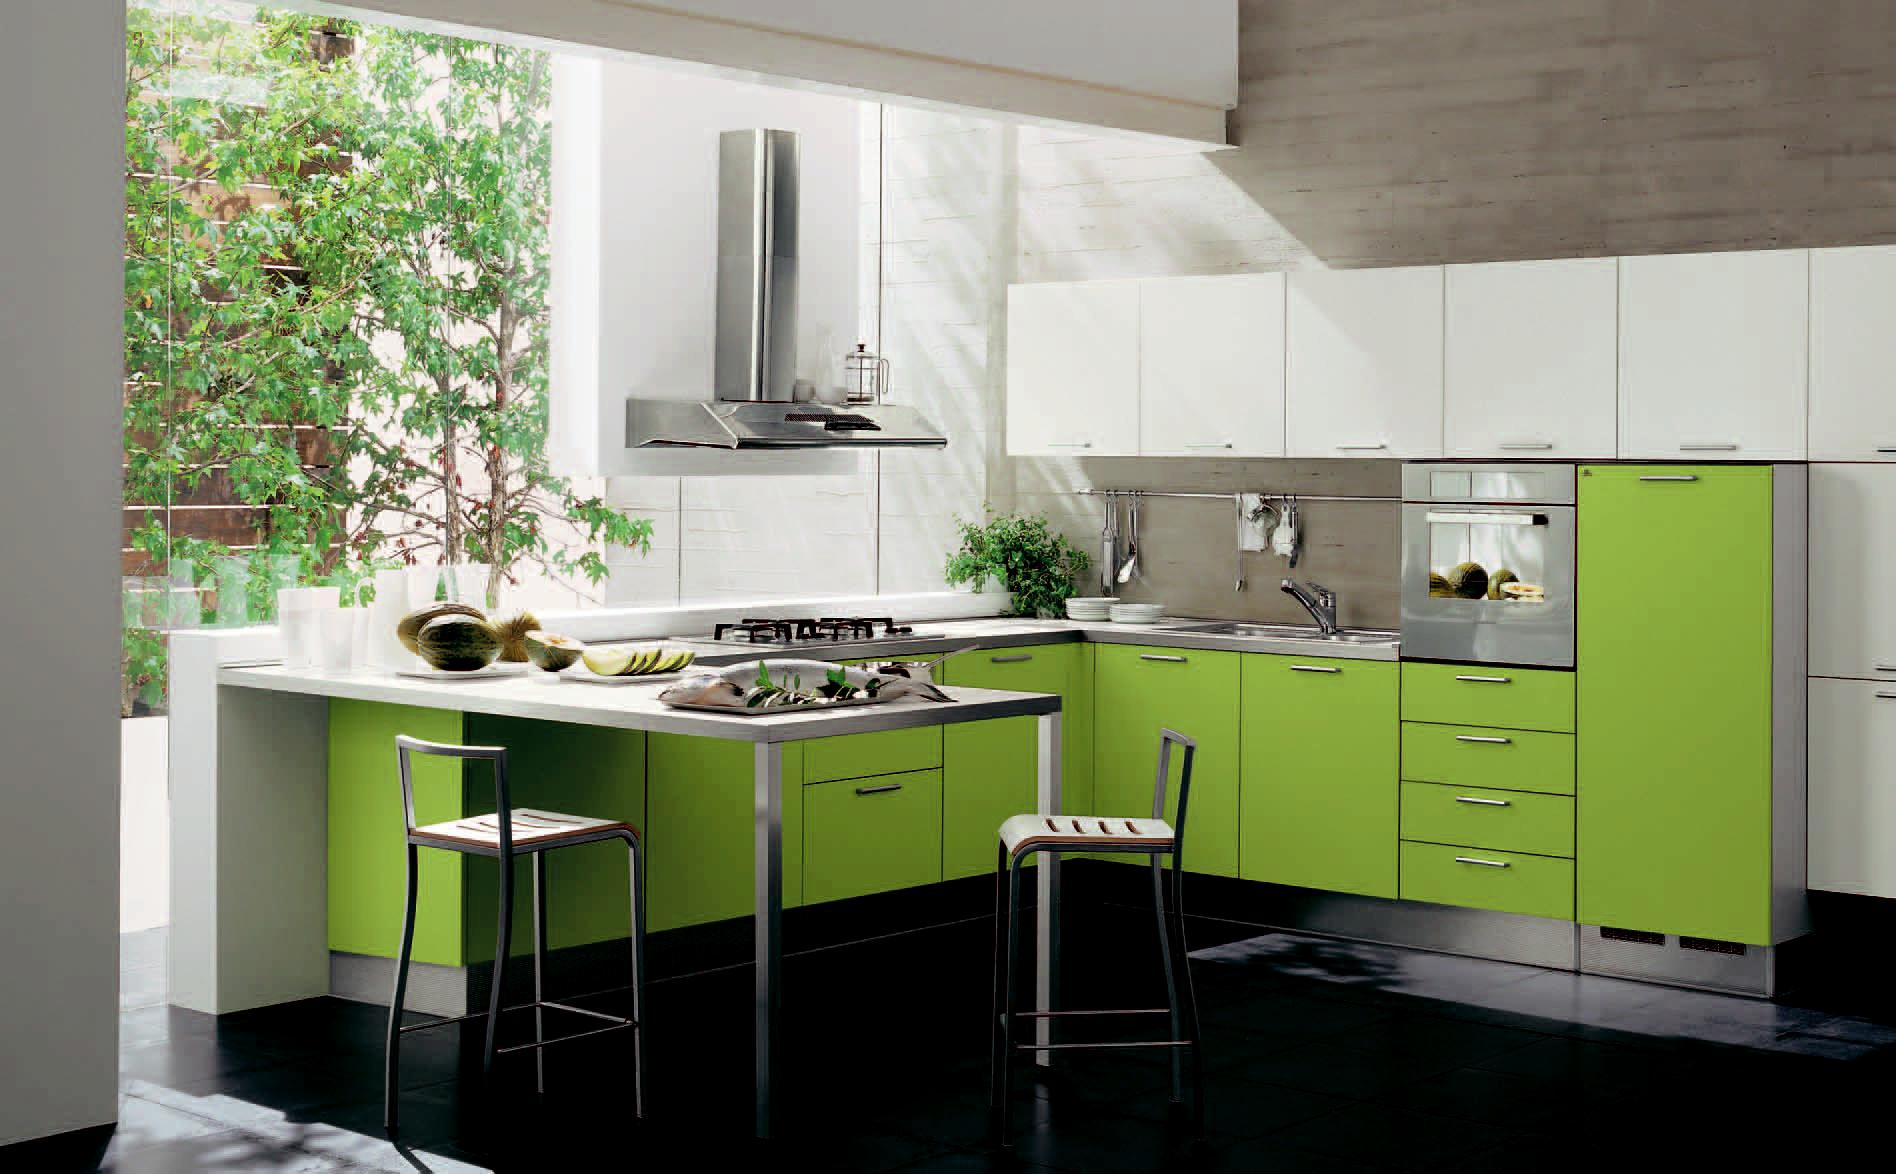 Refreshing Kitchen Design